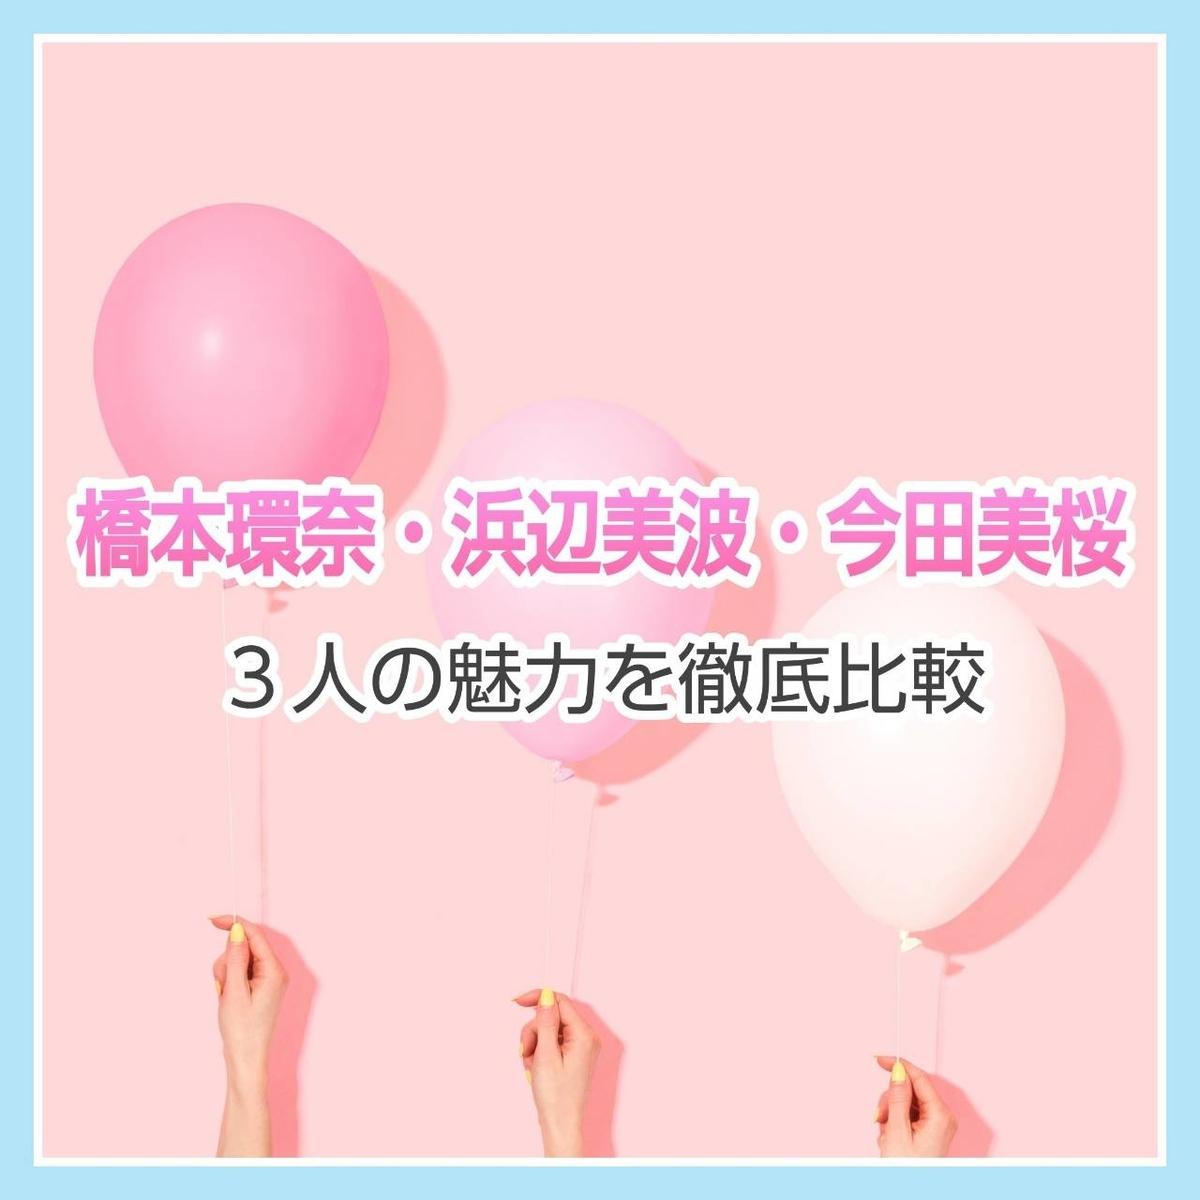 『橋本環奈』『浜辺美波』『今田美桜』3人のプロフィール・映画・ドラマ・CM 比較 LIFE